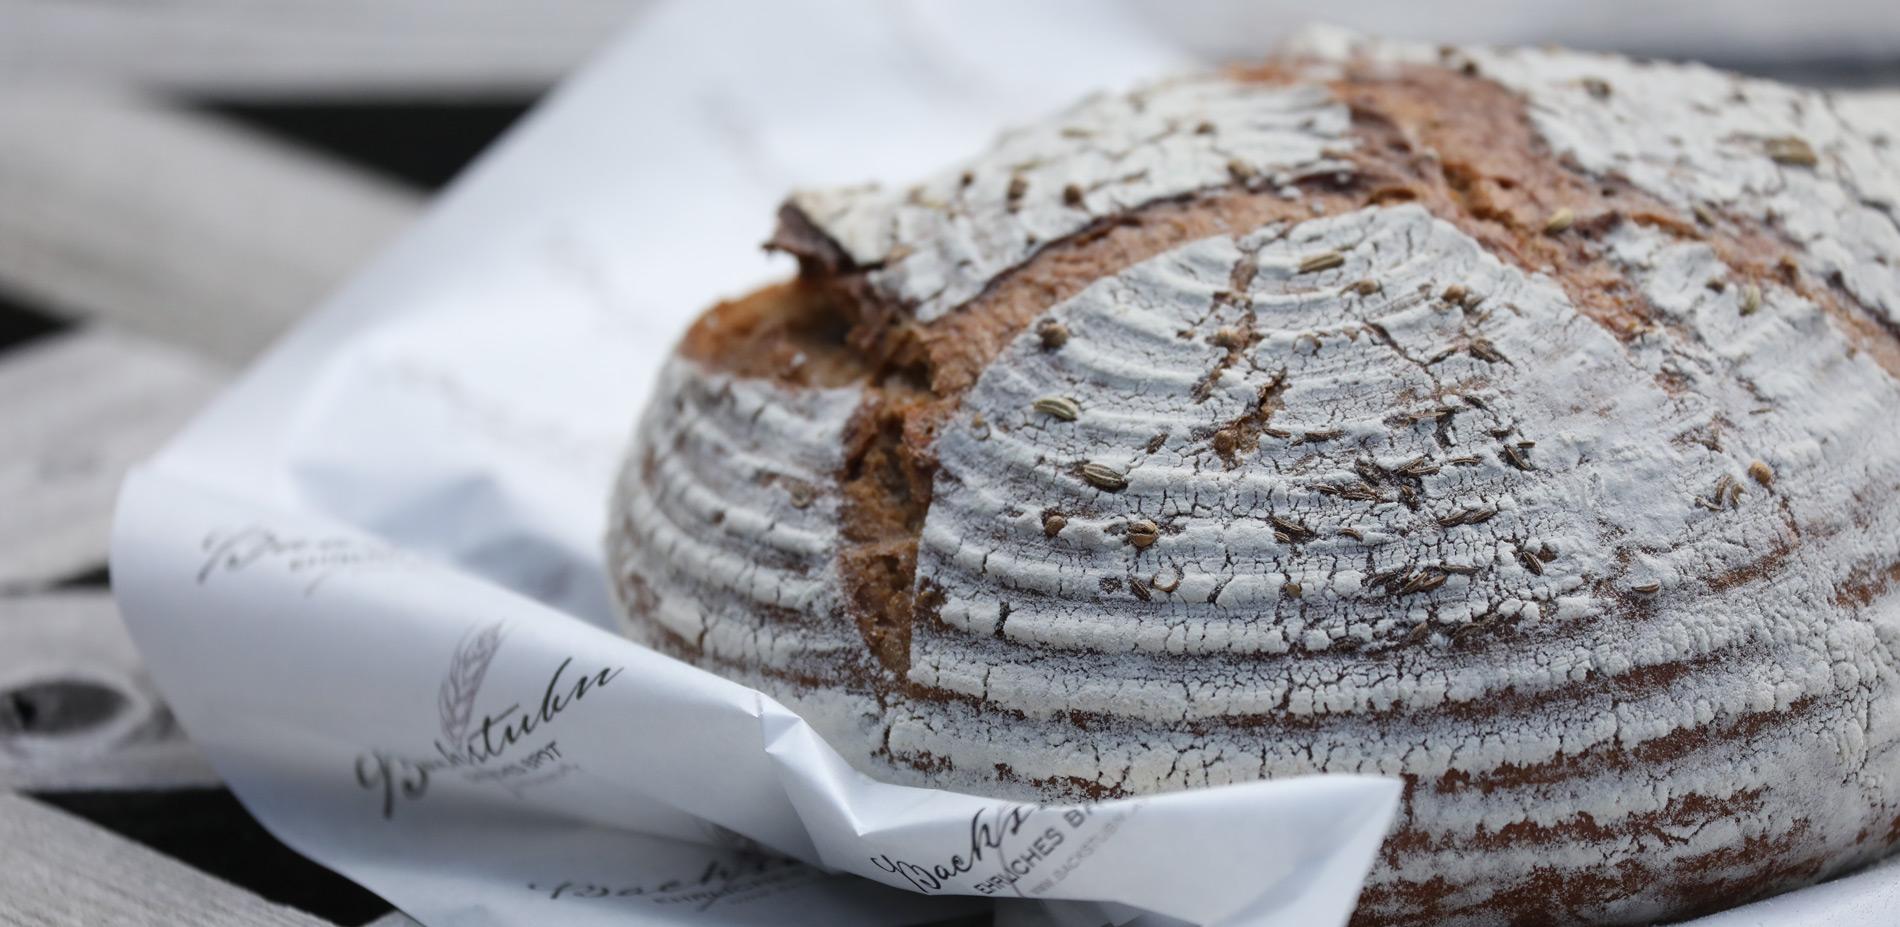 Backstubn Wald am Schoberpaß - ehrliches Brot